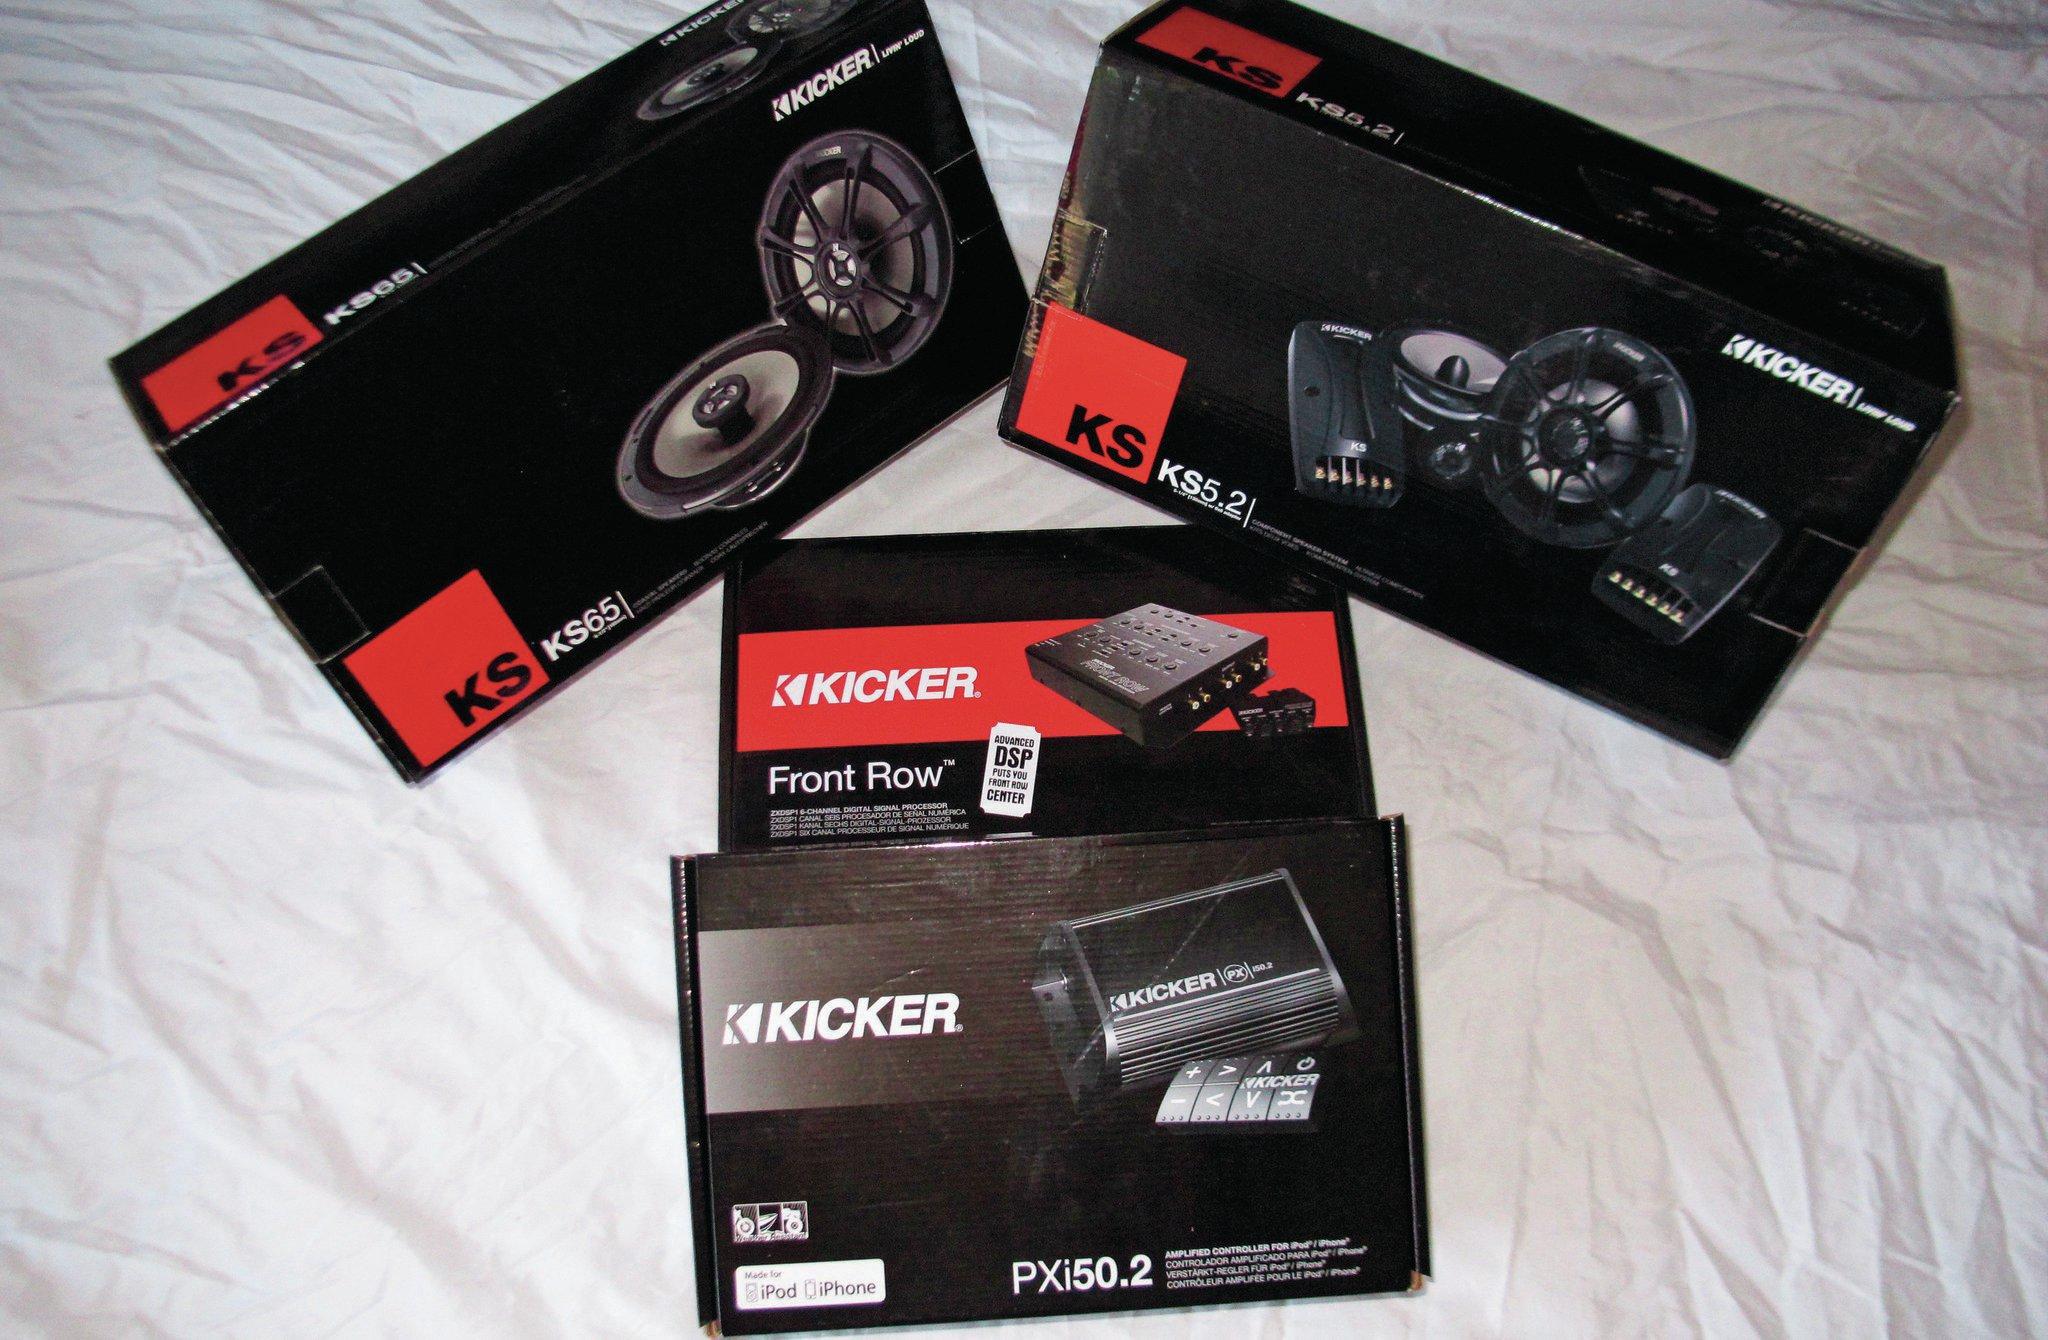 Kicker Audio System Gear